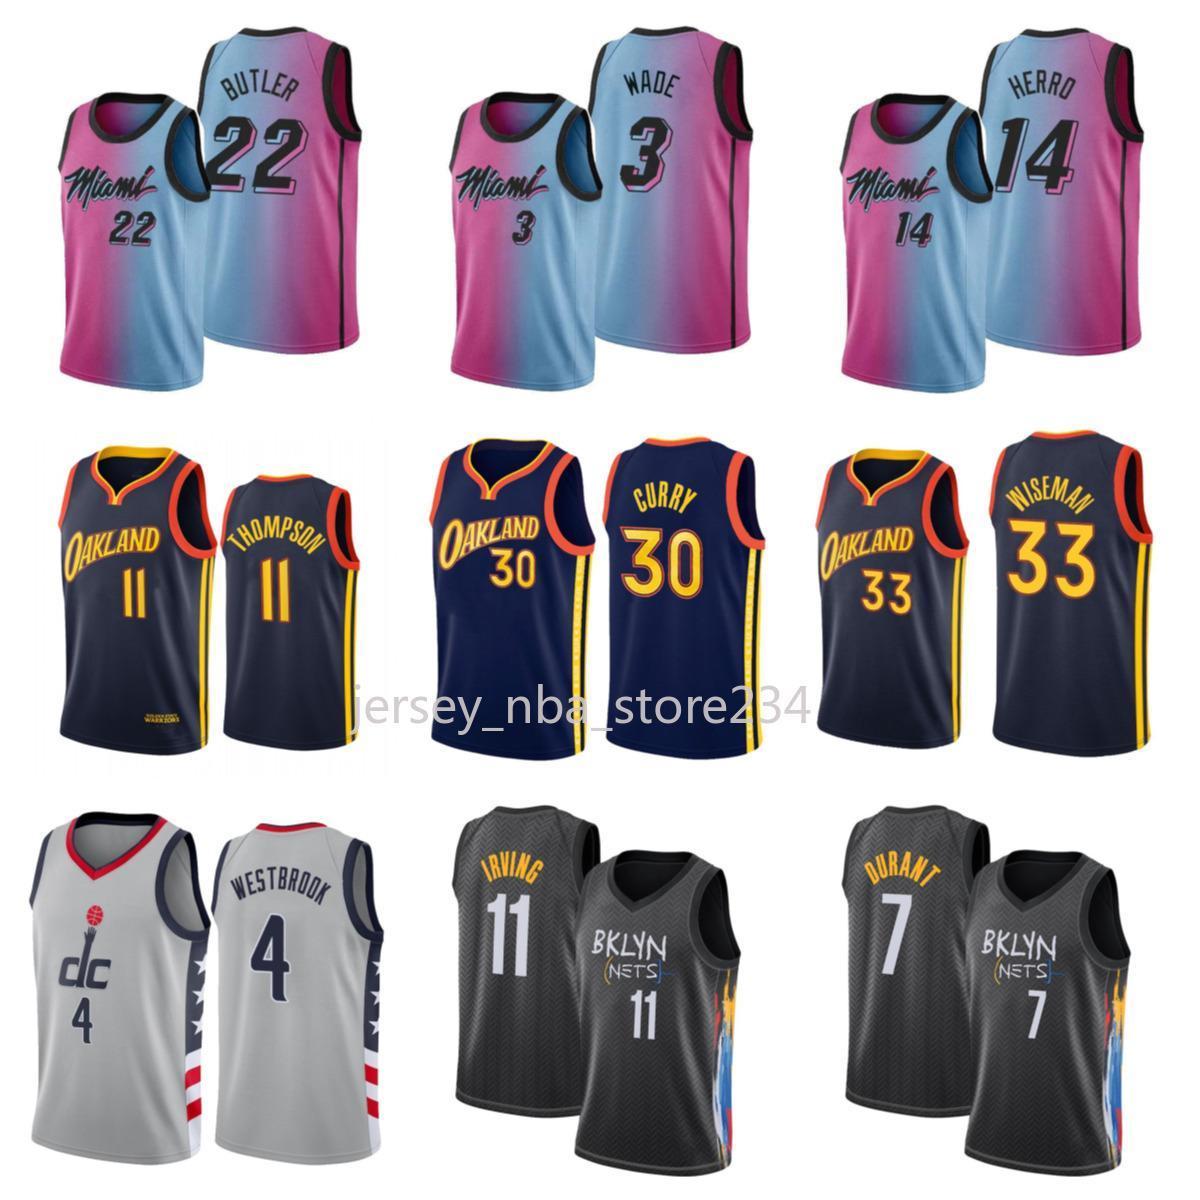 NCAA 2020 2021 Nouveau Jersey de basketball Russell Westbrook WashingtonAssistantNouveau Dwayne Dwyane Wade Jimmy Butler Tyler Herro Bam Adebay